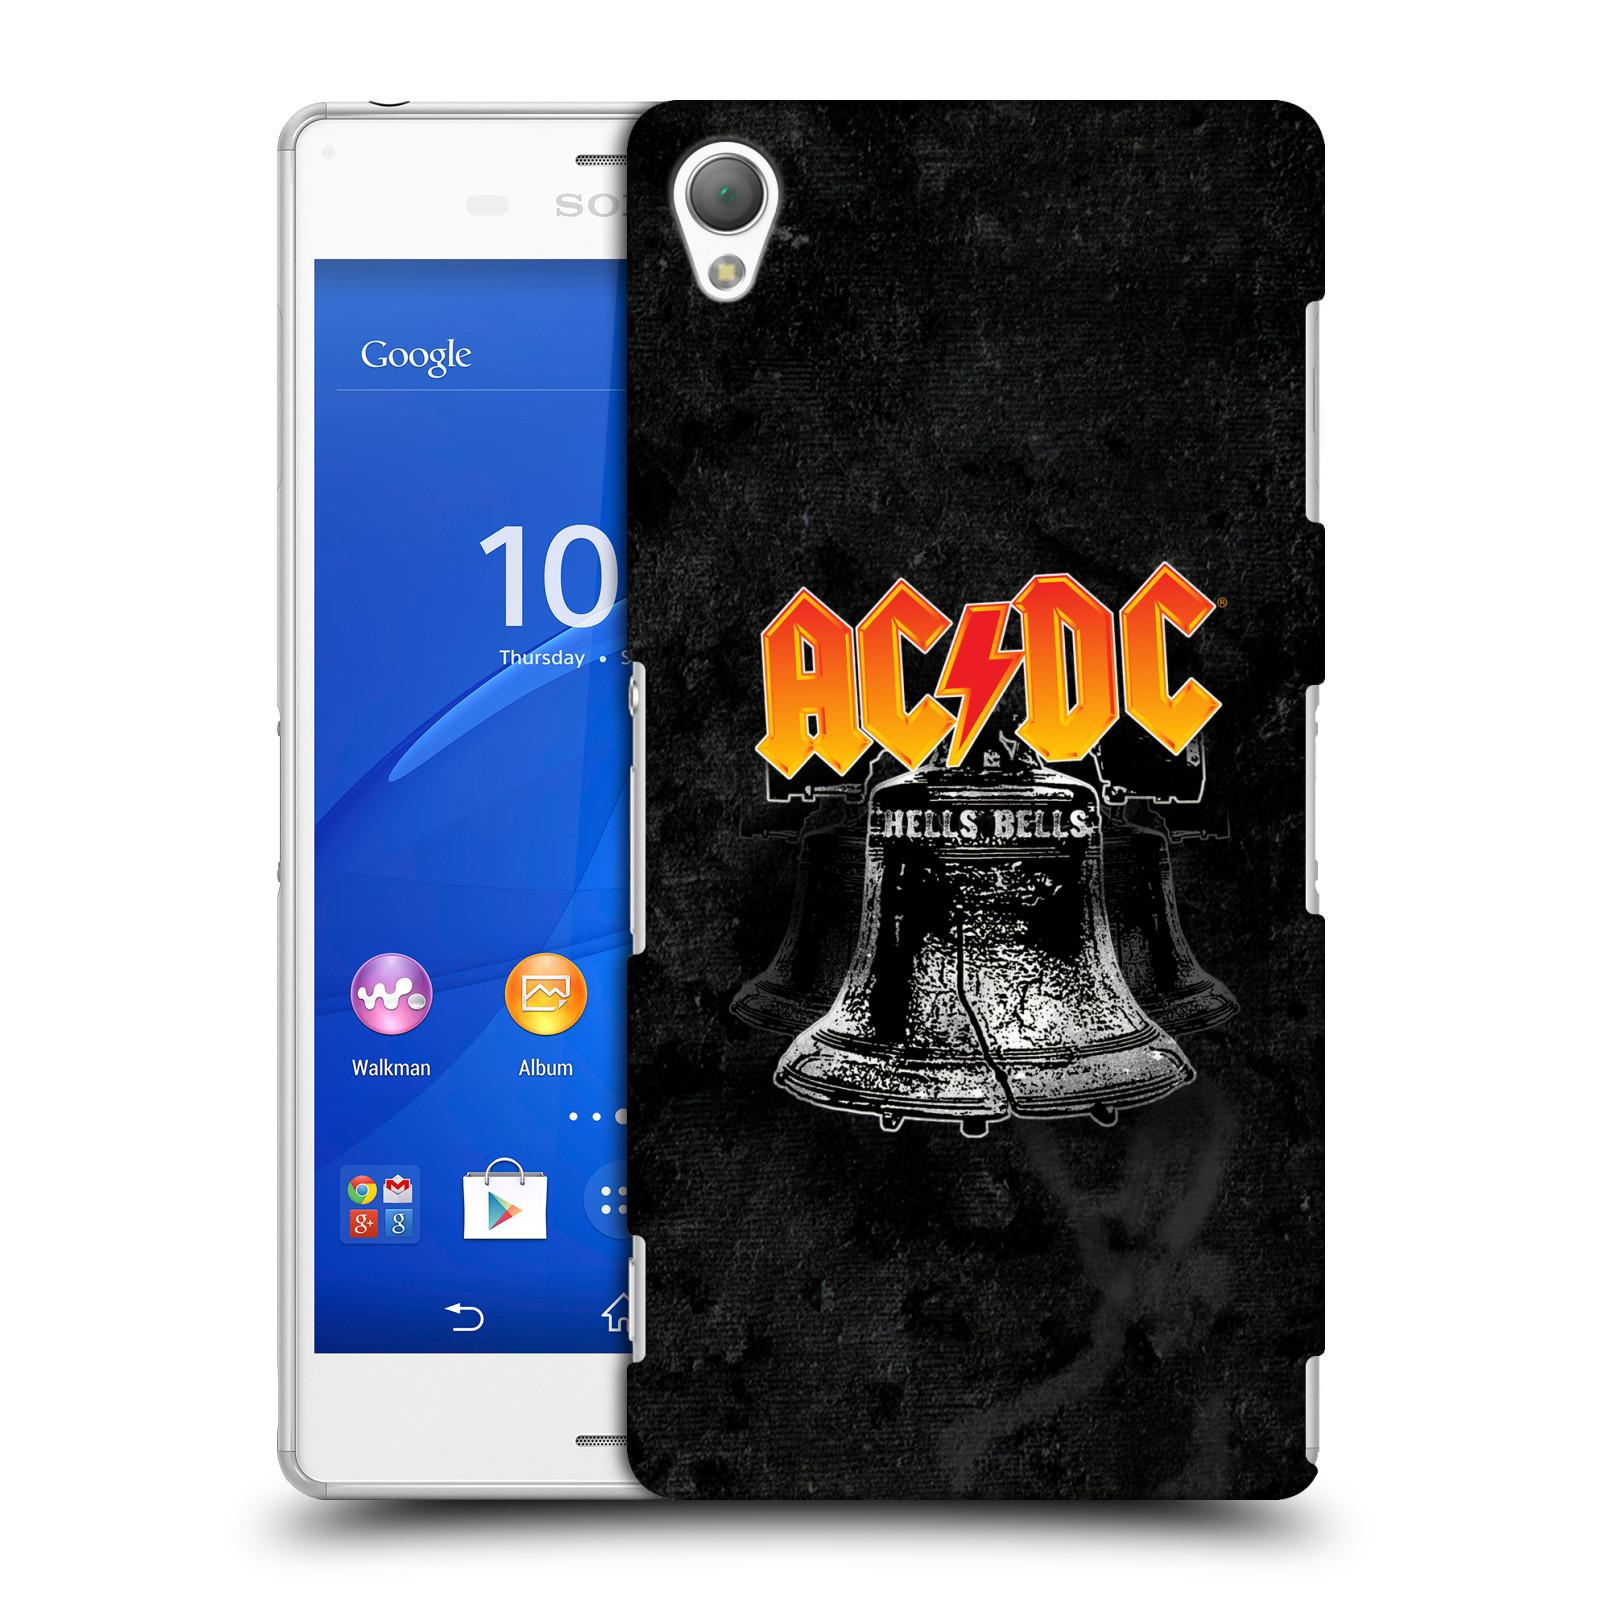 Plastové pouzdro na mobil Sony Xperia Z3 D6603 HEAD CASE AC/DC Hells Bells (Plastový kryt či obal na mobilní telefon s oficiálním motivem australské skupiny AC/DC pro Sony Xperia Z3)